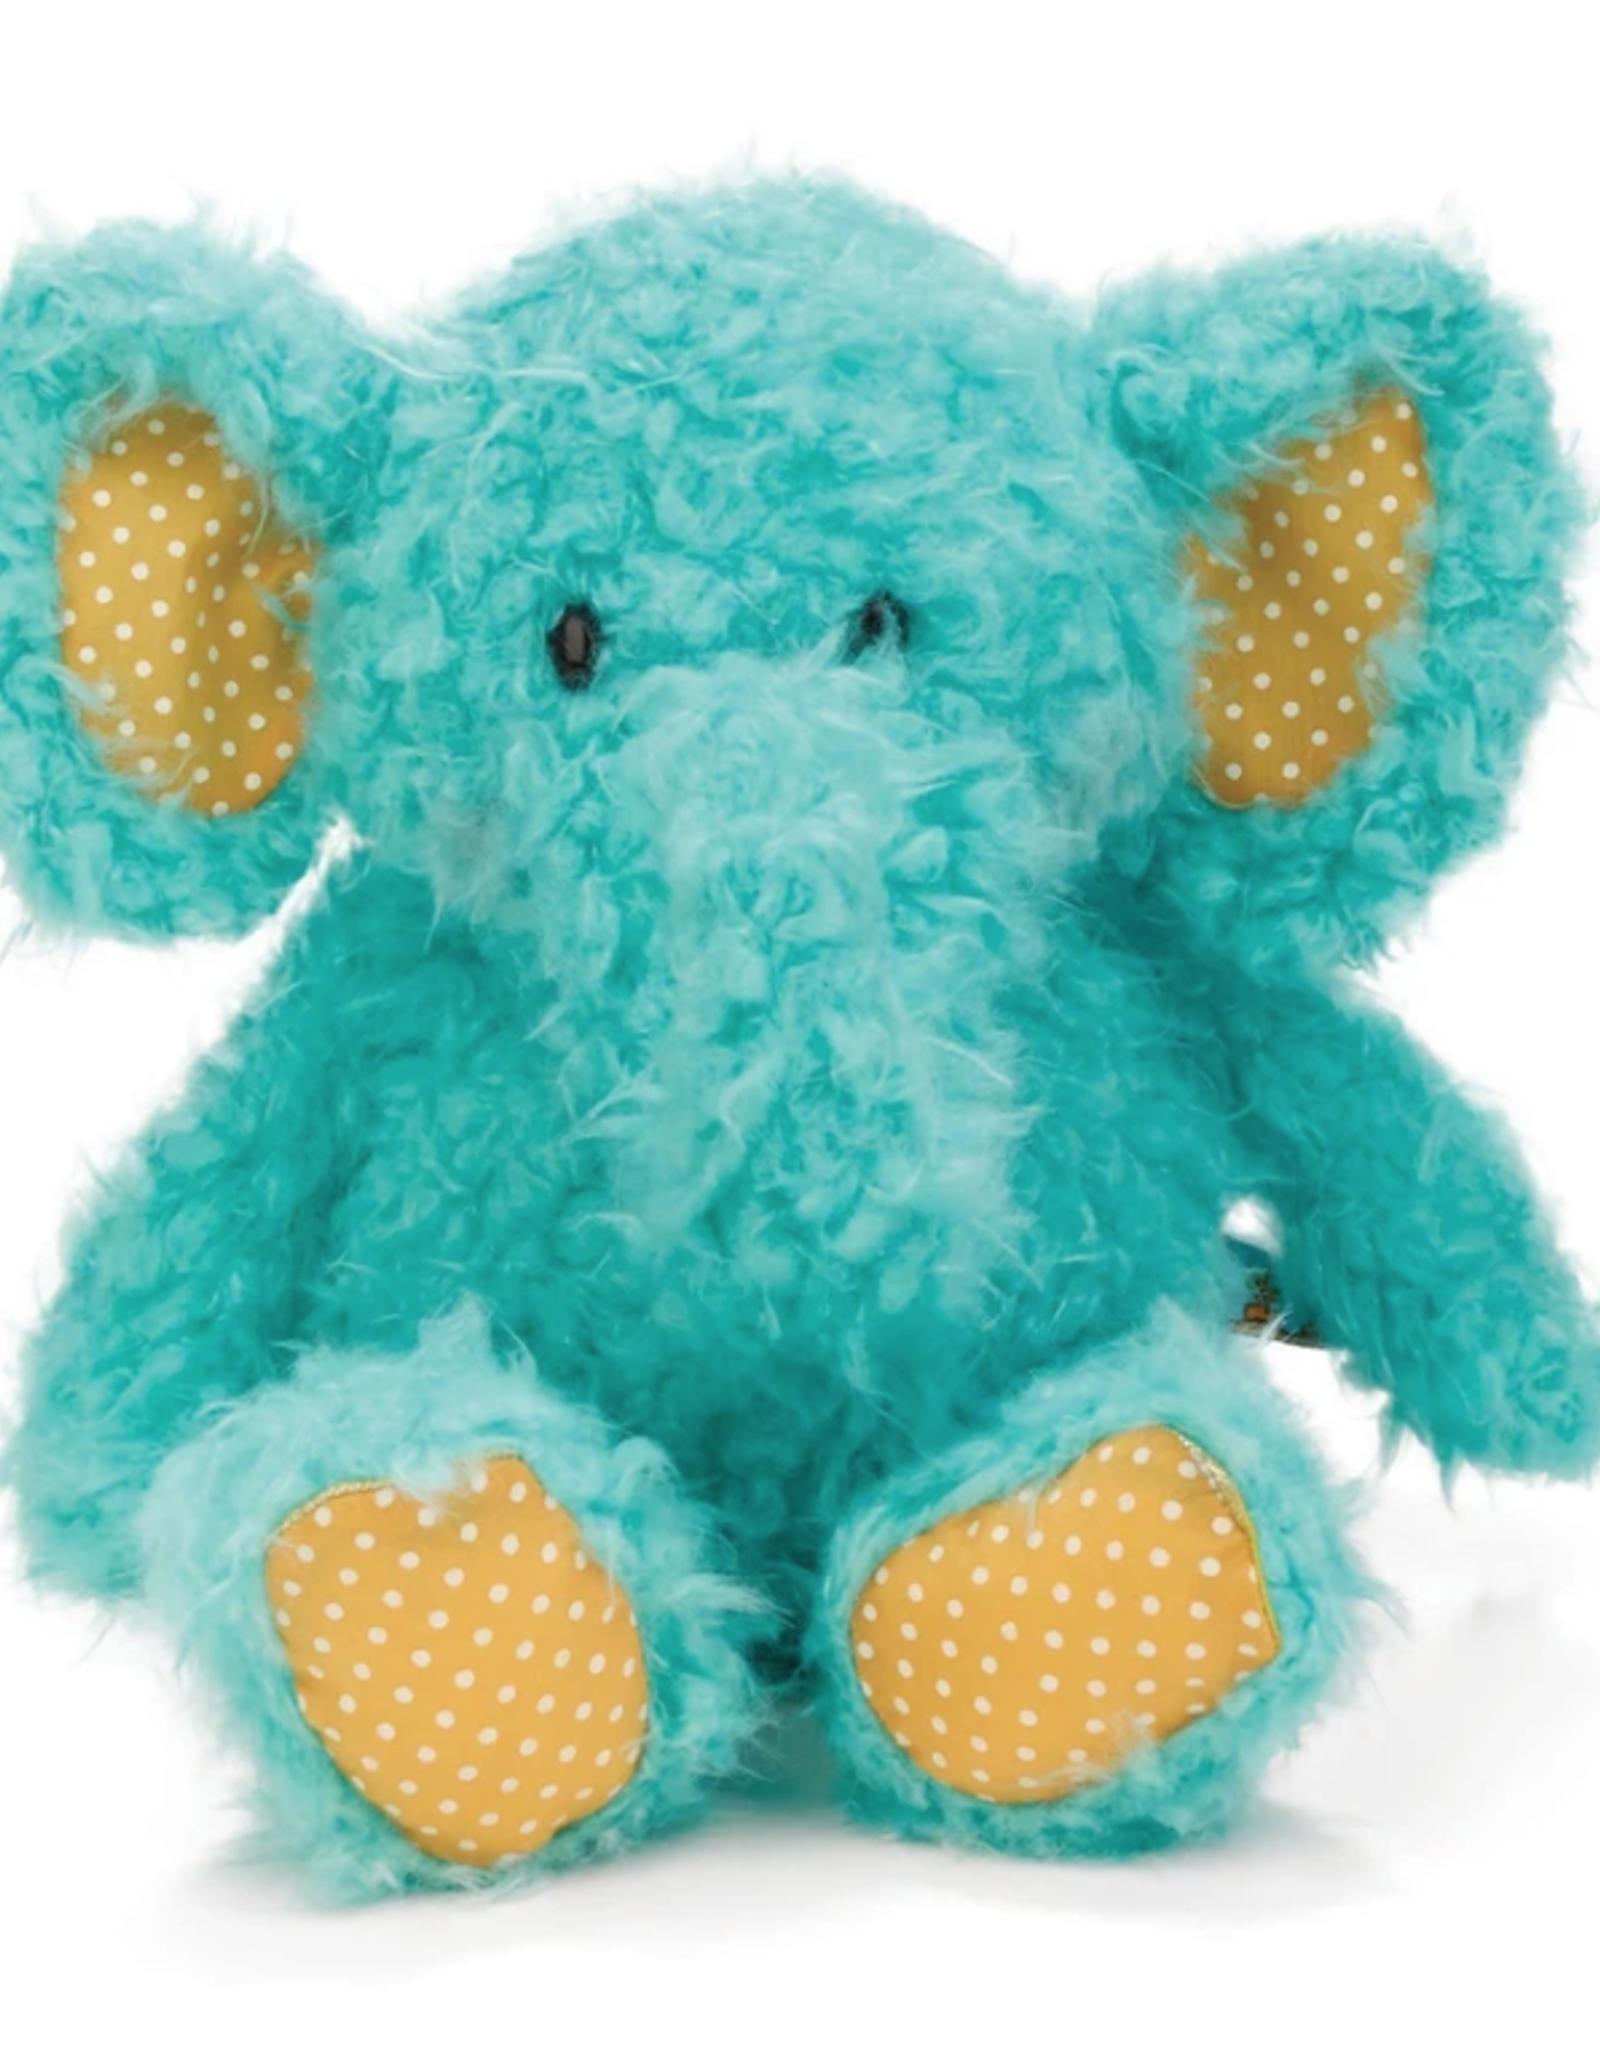 Furfriends - Ernie the Elephant